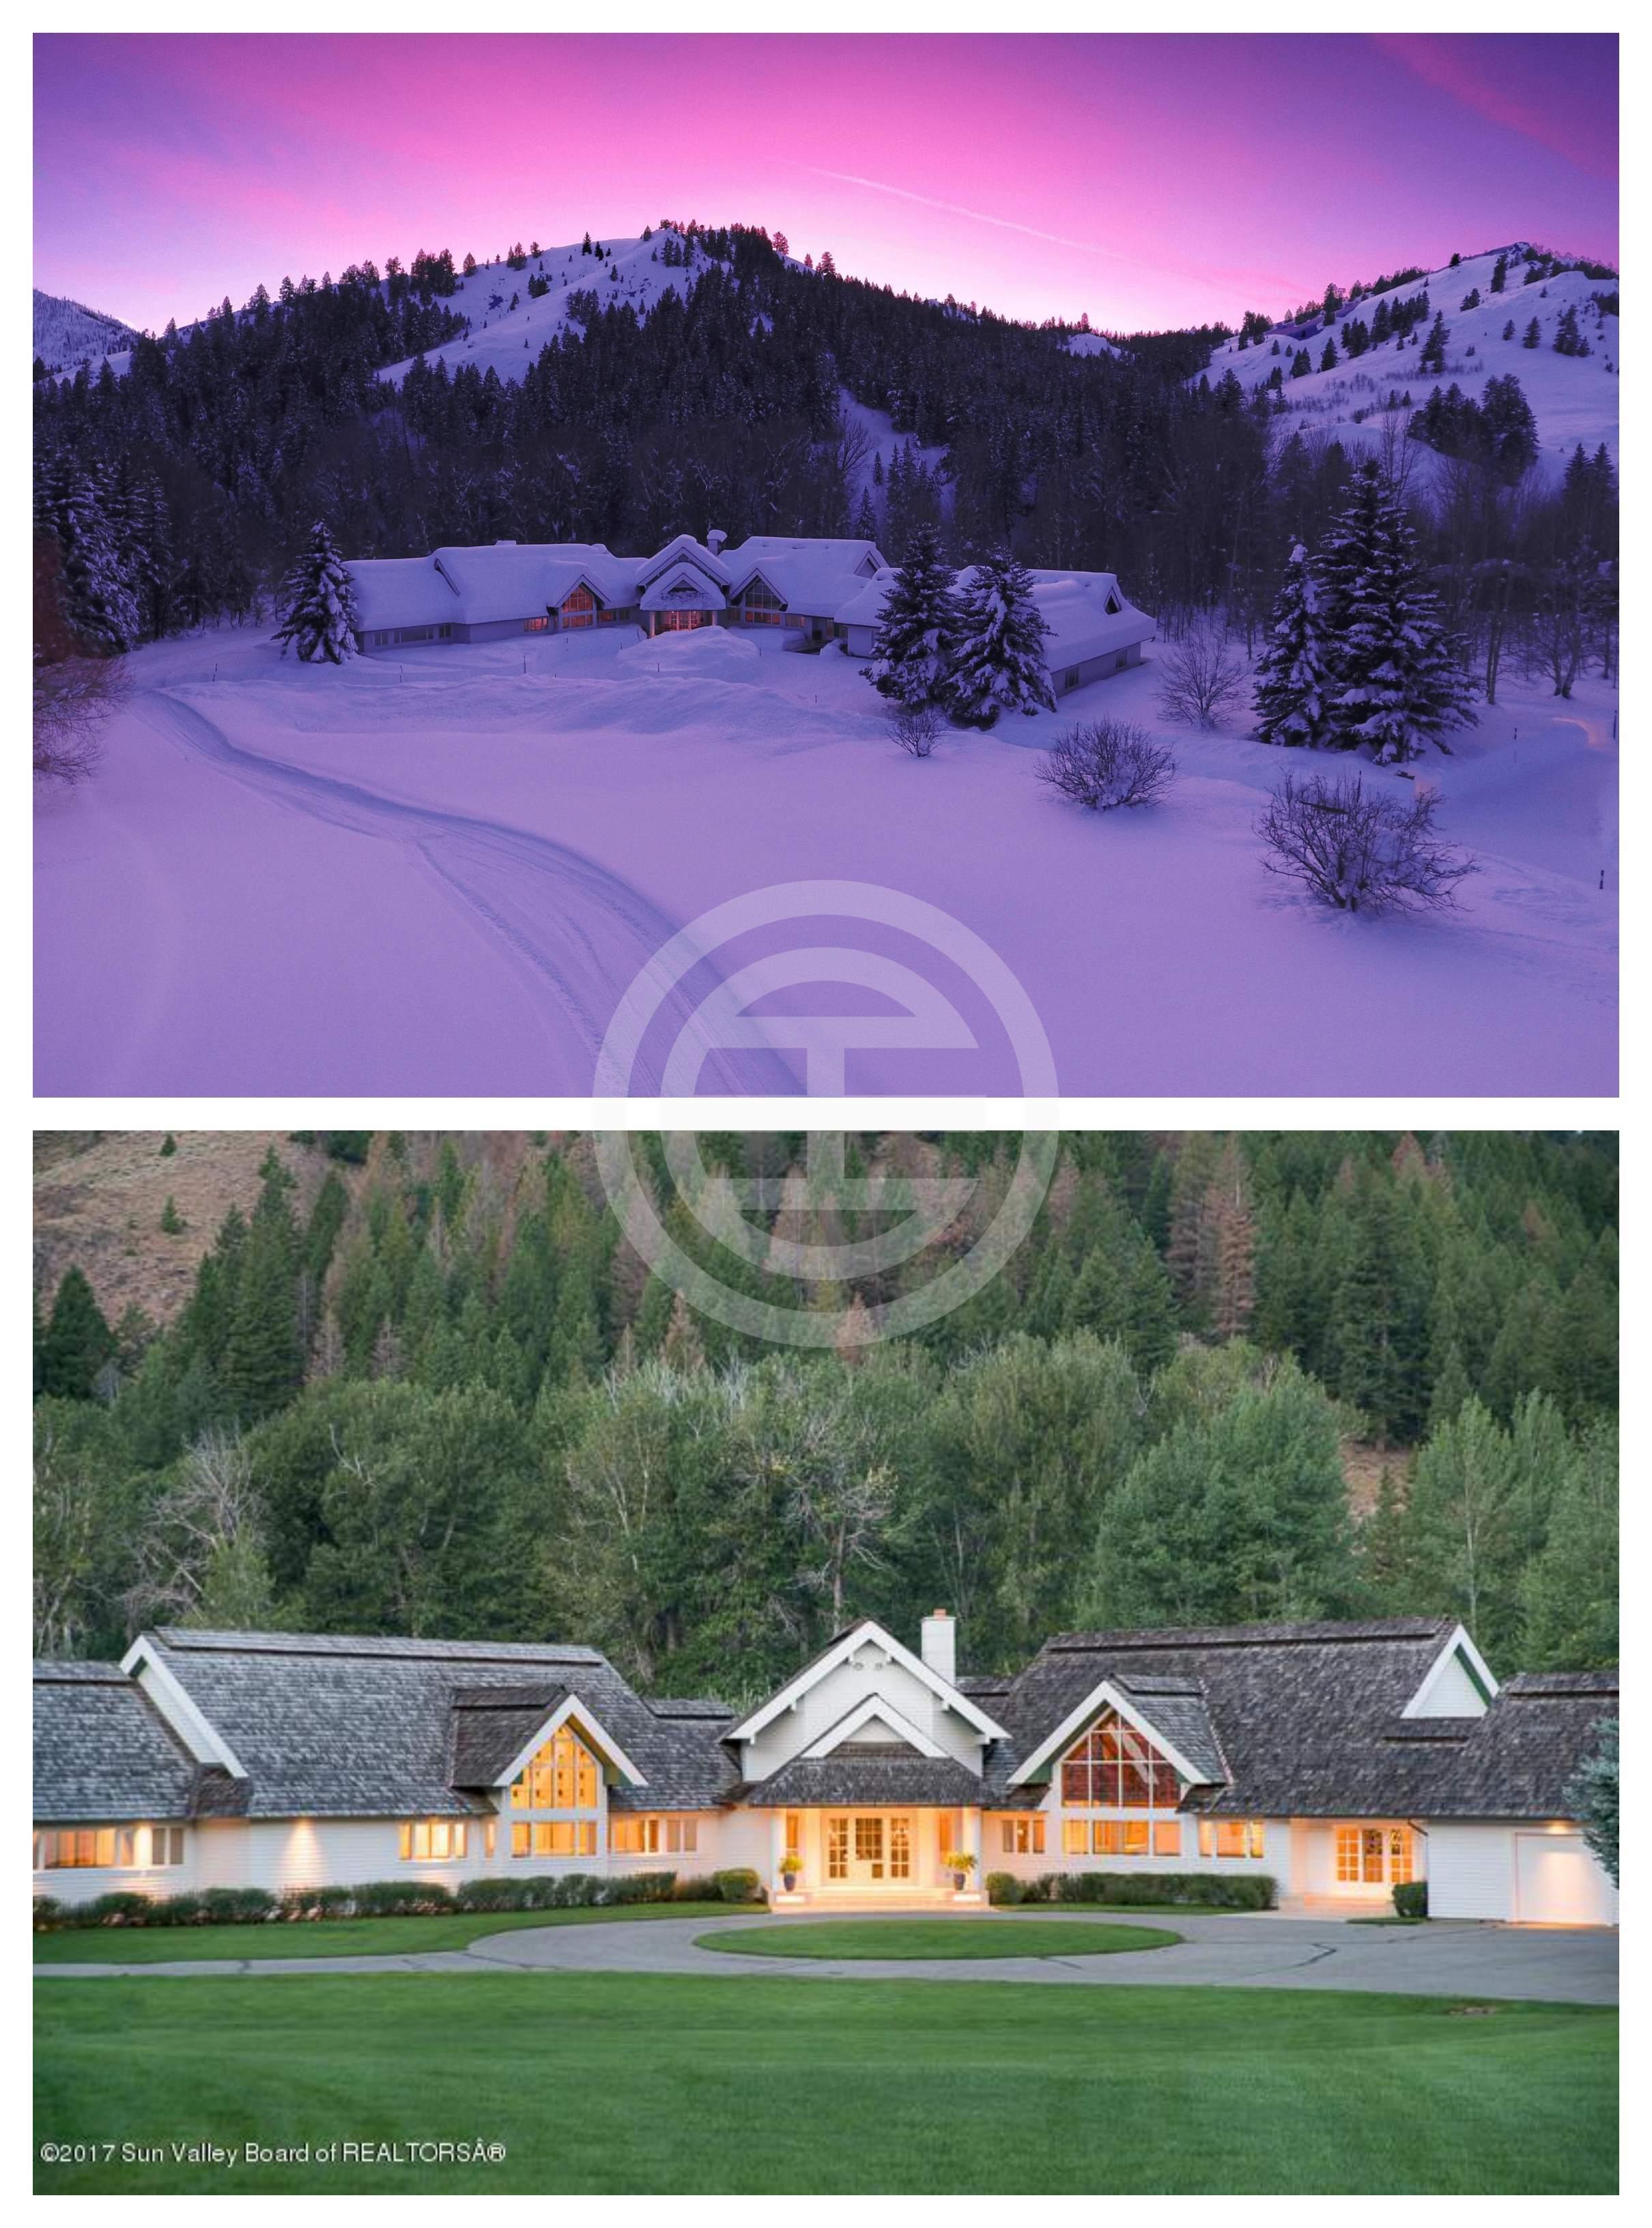 爱达荷州太阳谷(Sun Valley, Idaho)滑雪度假村中百万美元以上房产的销量同比增加了51%。图为居外房源(编号:39705024),这座宏伟的庄园占地超过13英亩,位於爱达荷州太阳谷的比格伍德河(Bigwood River)上,冬季和夏季的休闲娱乐场所比比皆是,拥有最大的隐私和美丽的自然美景,是避暑和过冬的完美度假屋。